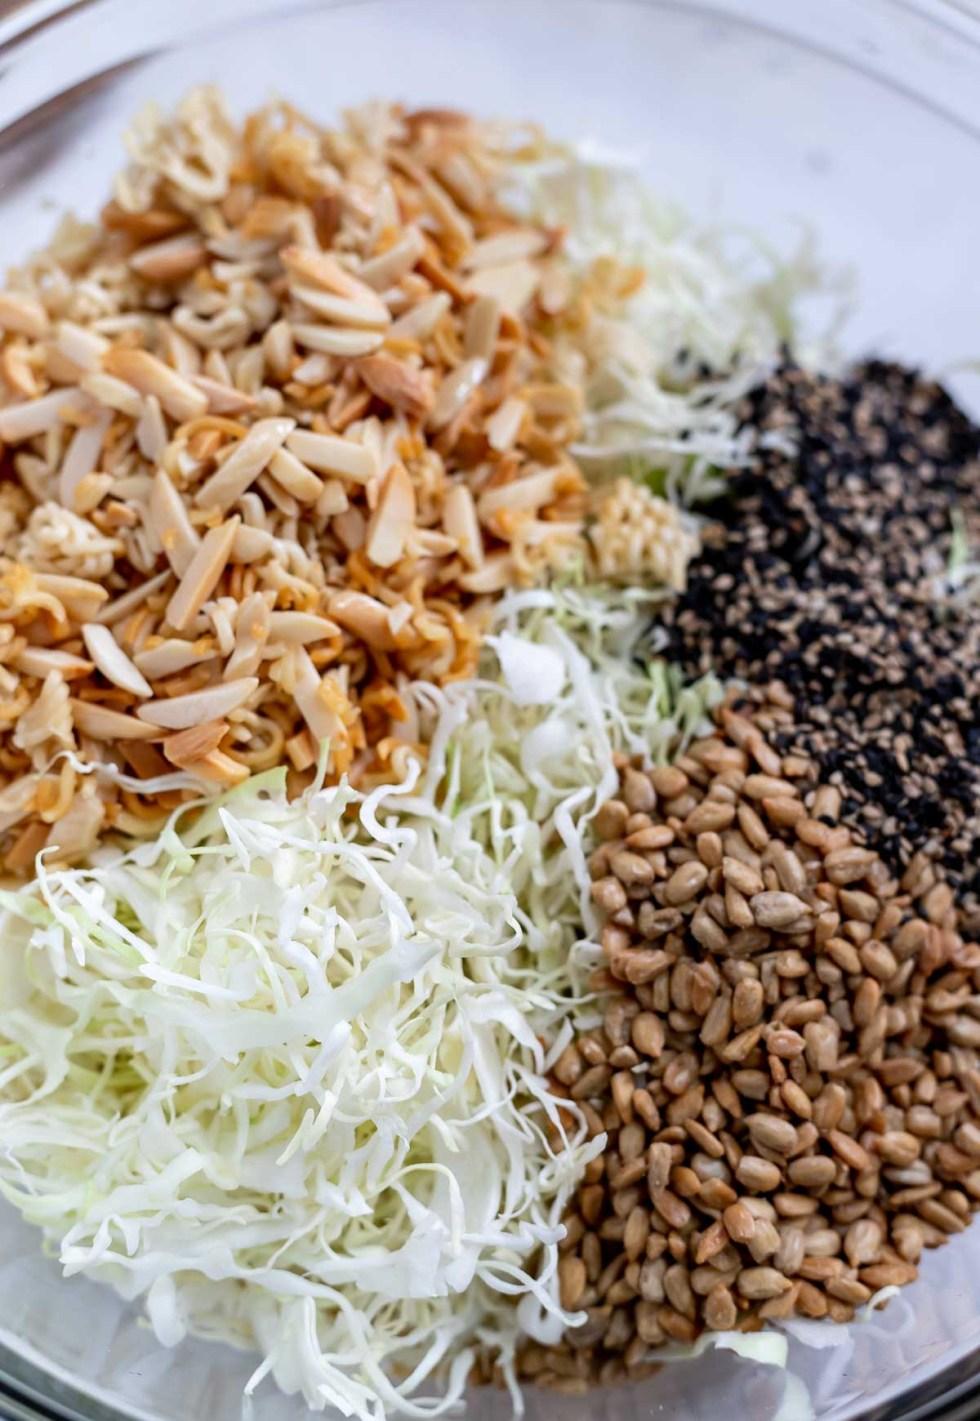 ramen coleslaw ingredients in clear glass bowl